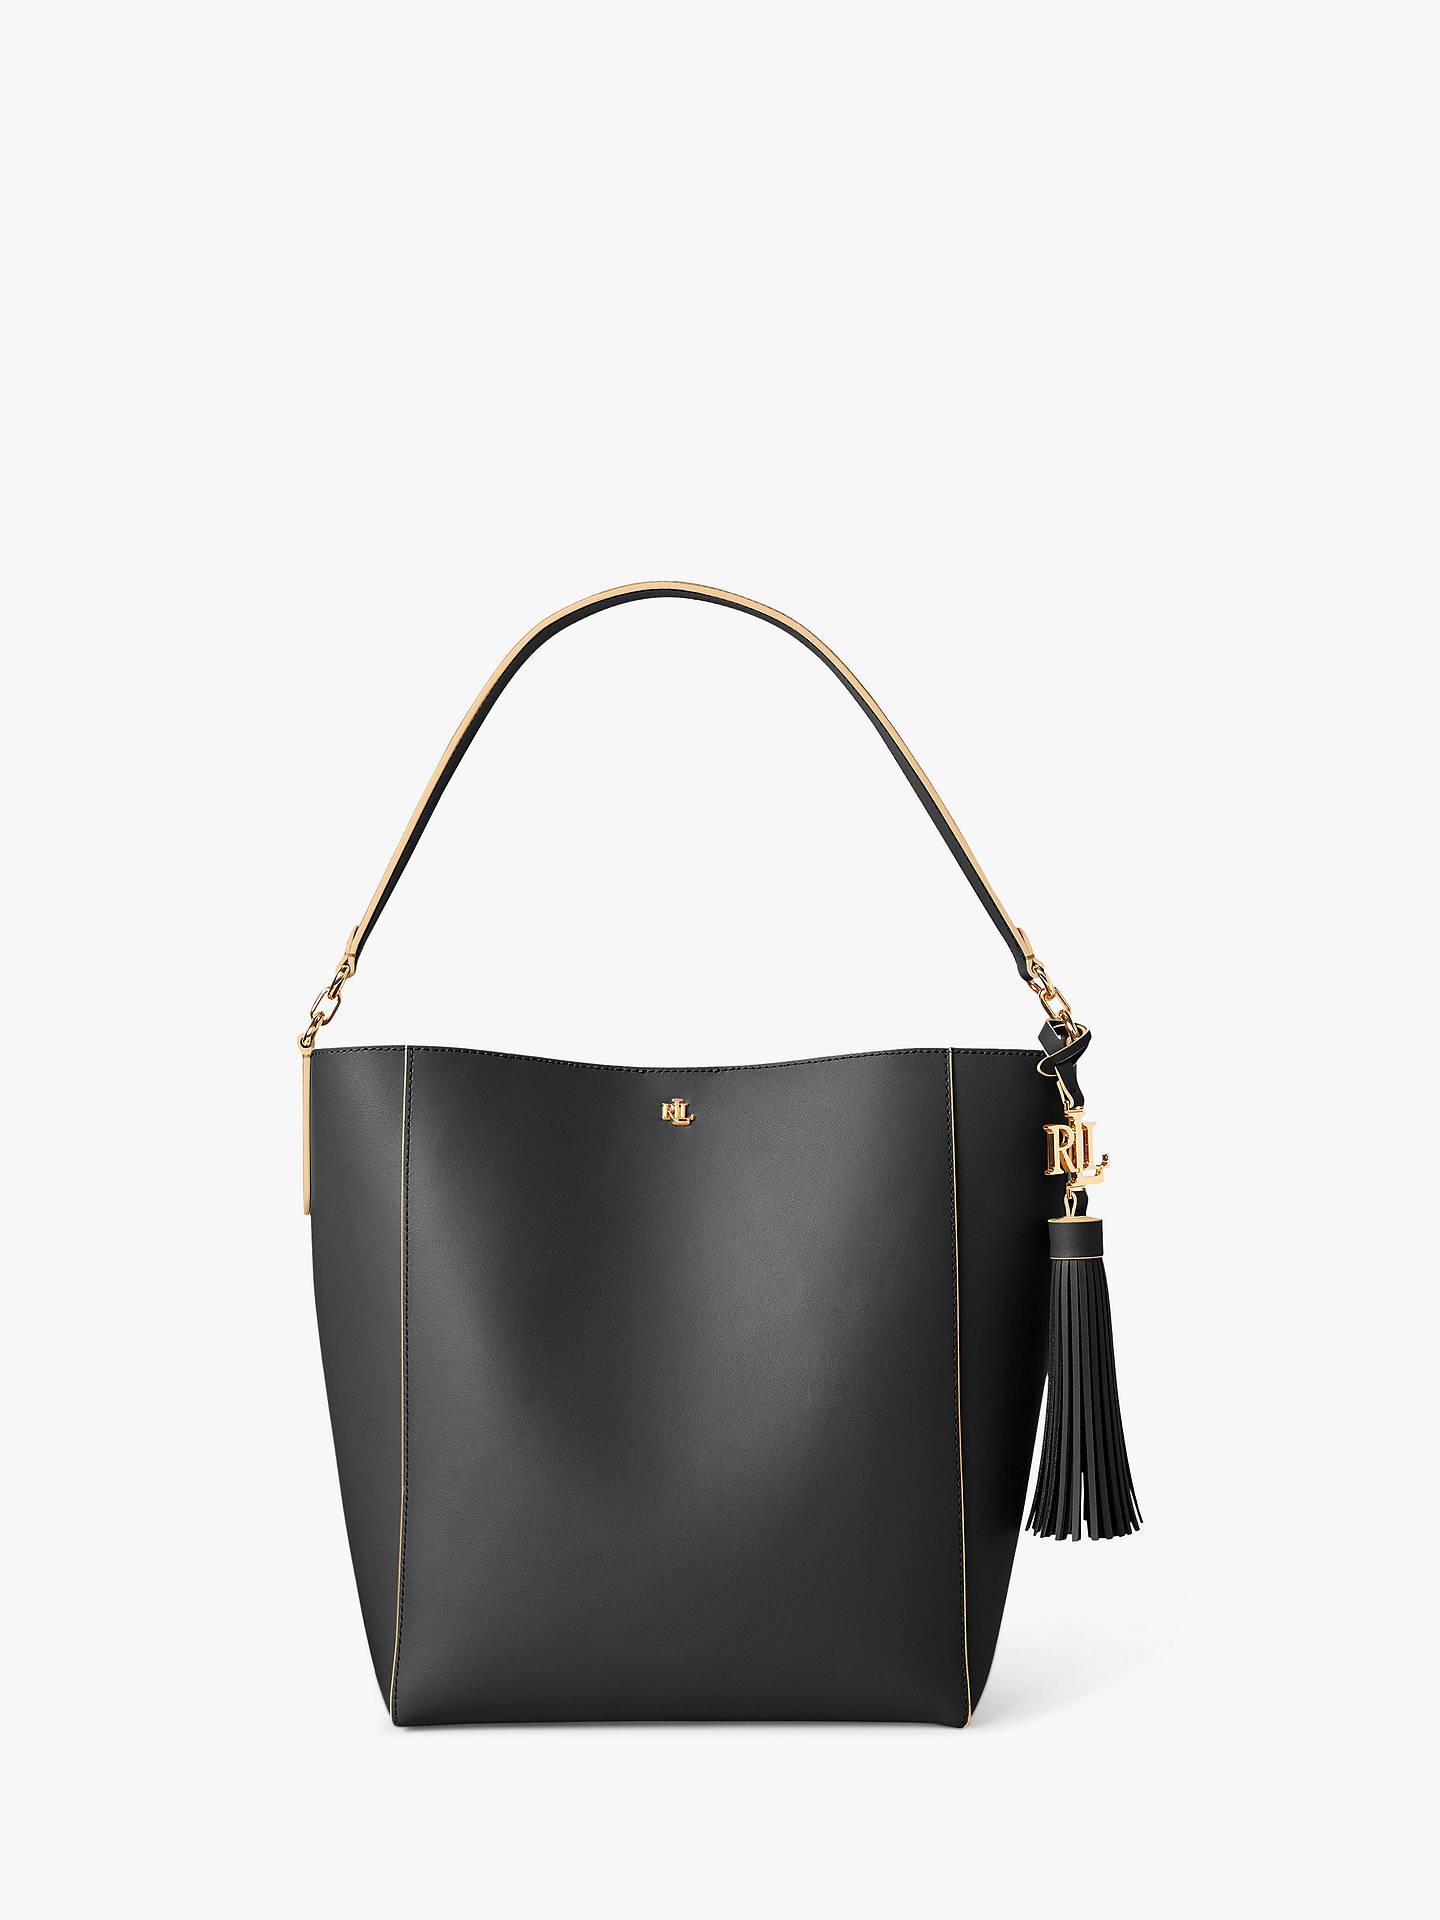 Lauren Ralph Lauren Adley 25 Leather Shoulder Bag, Nude at